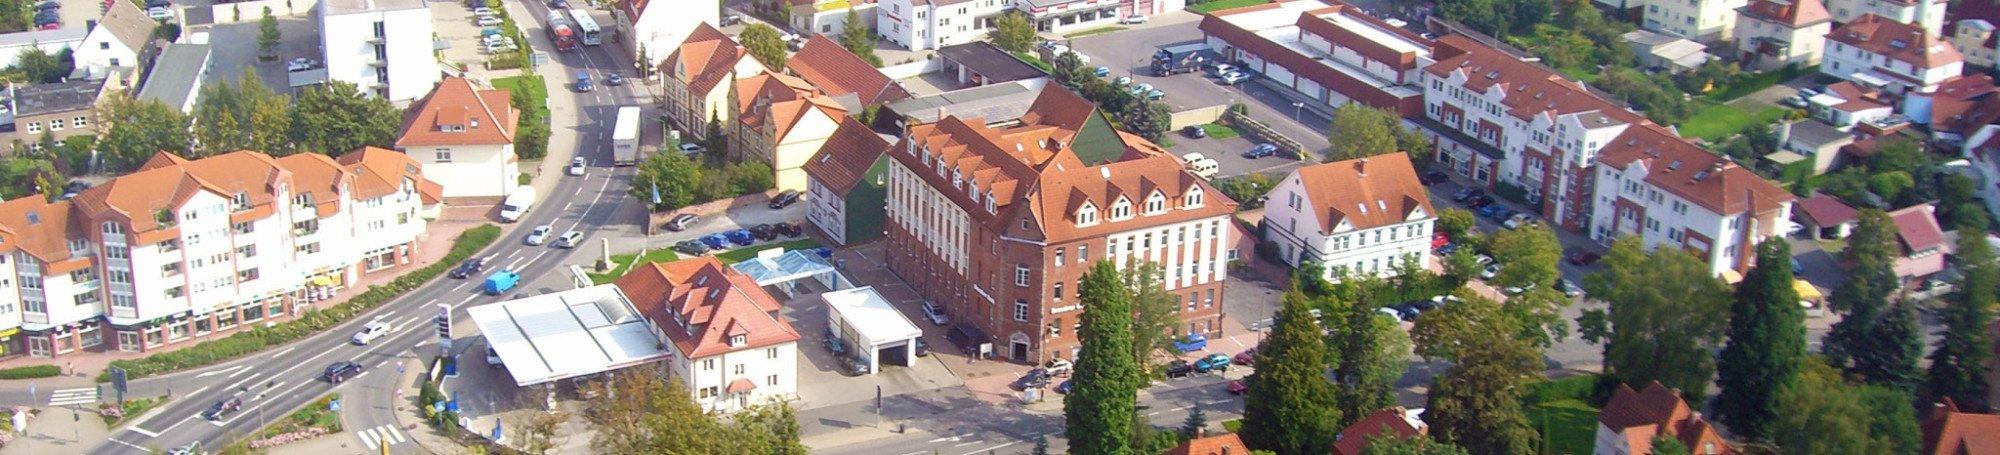 Herrmann Immobilien – Heilbad Heiligenstadt